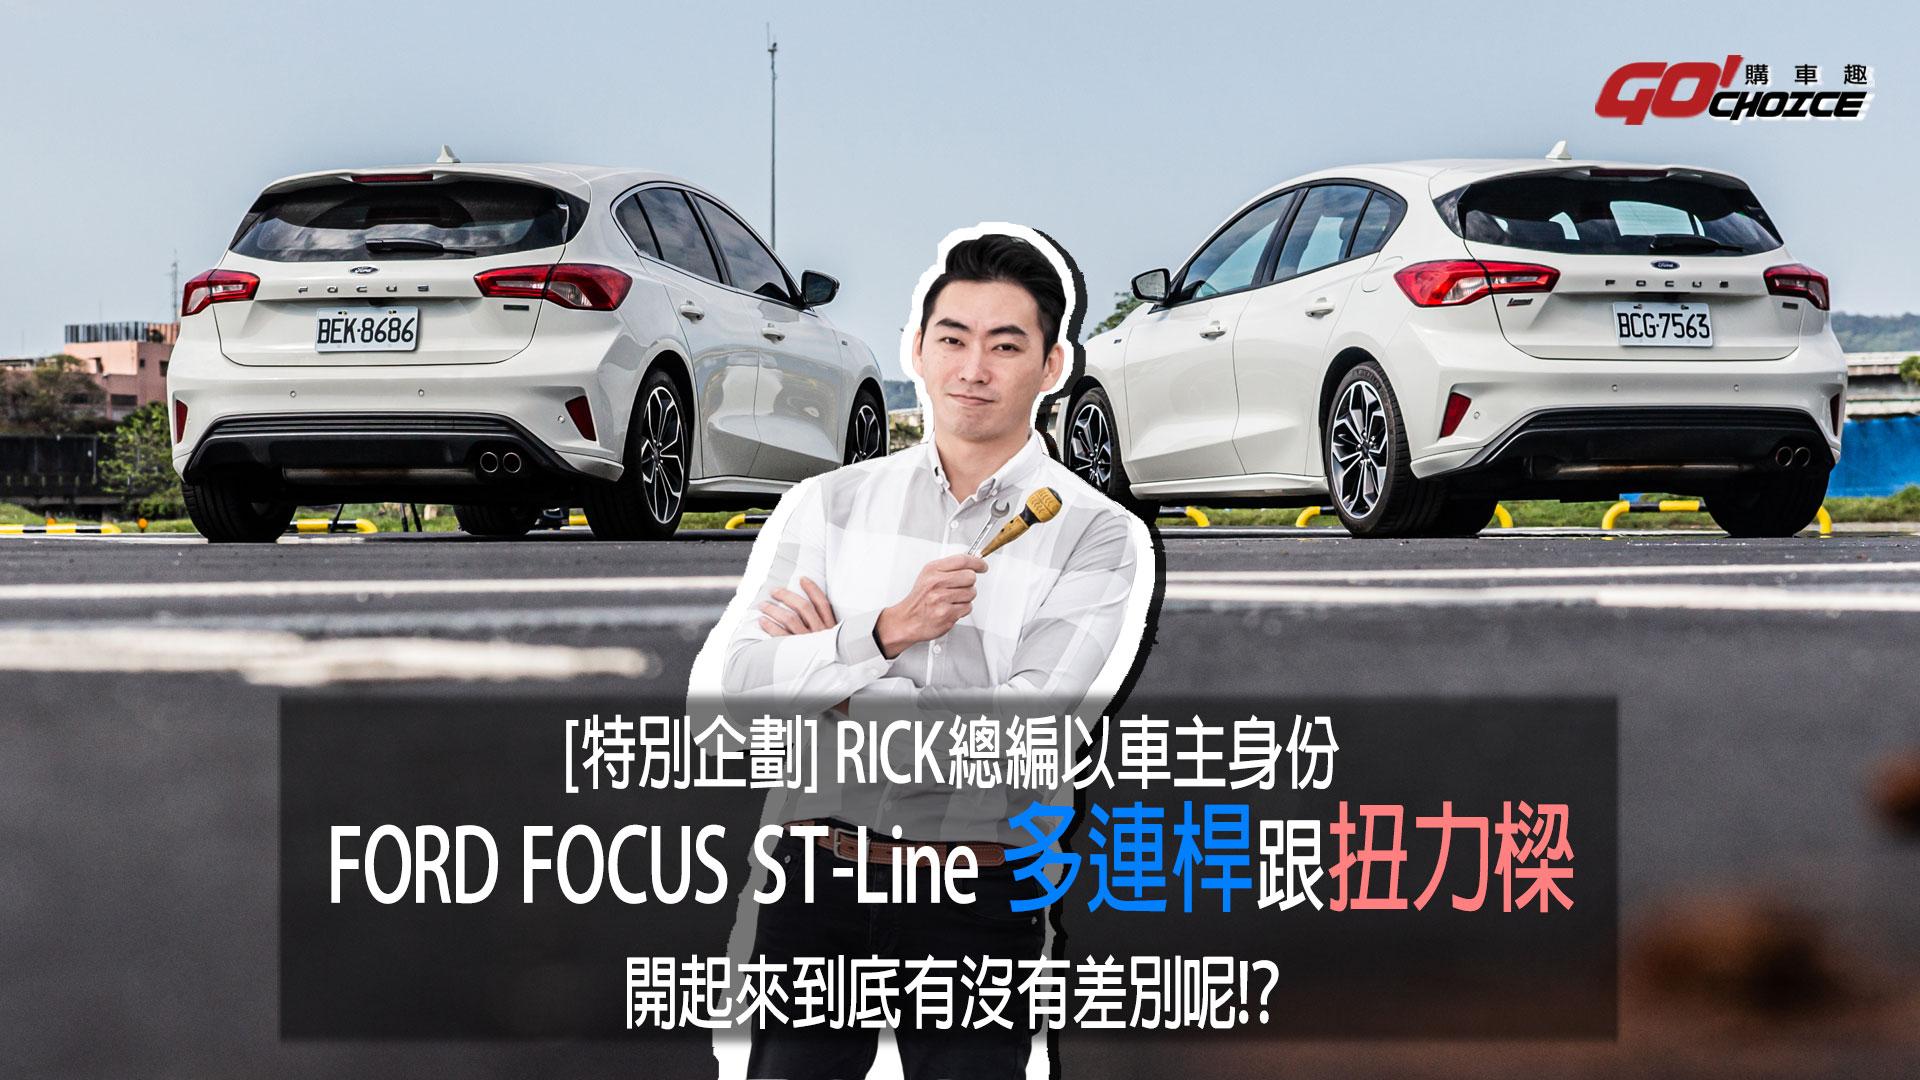 特別企劃-FORD FOCUS ST-Line Lommel賽道特化版